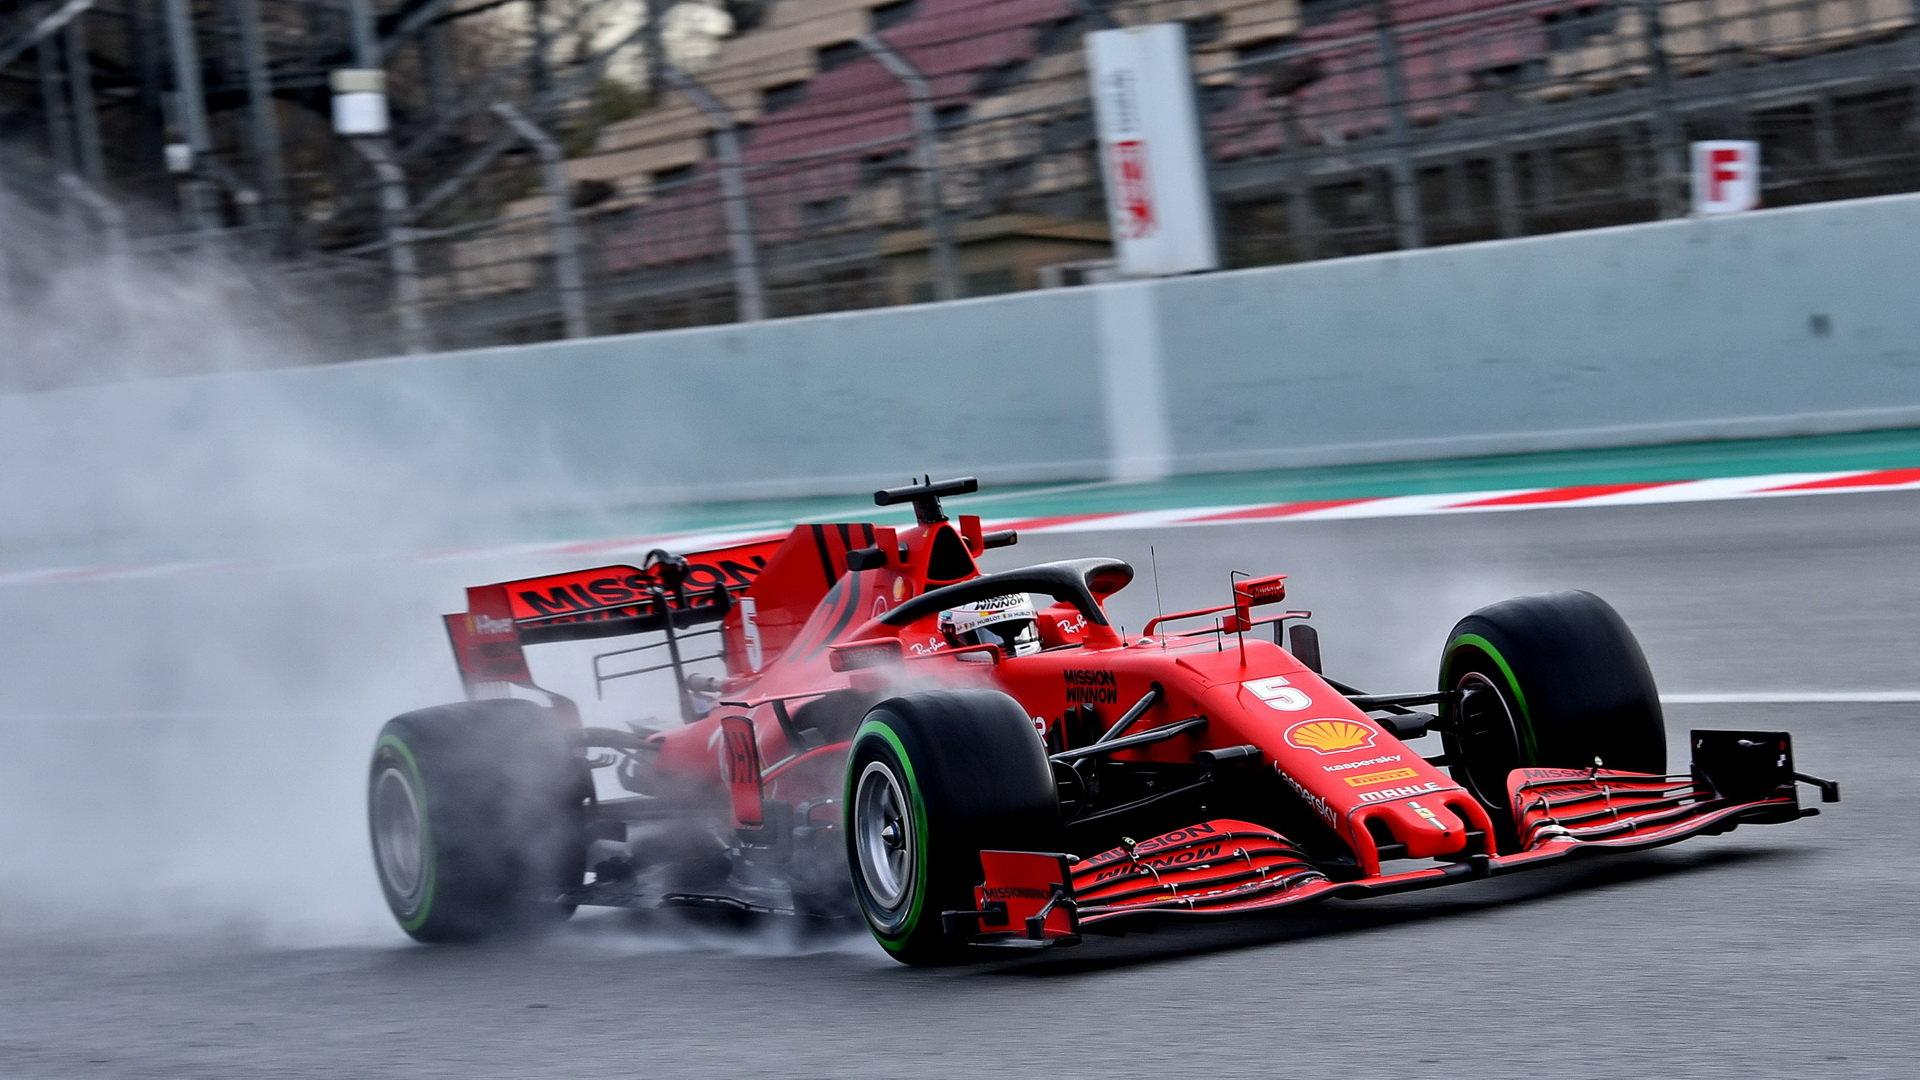 Současný šéf Ferrari Mattia Binotto neposkytuje Sebastianovi Vettelovi takovou podporu, jakou by pilot očekával